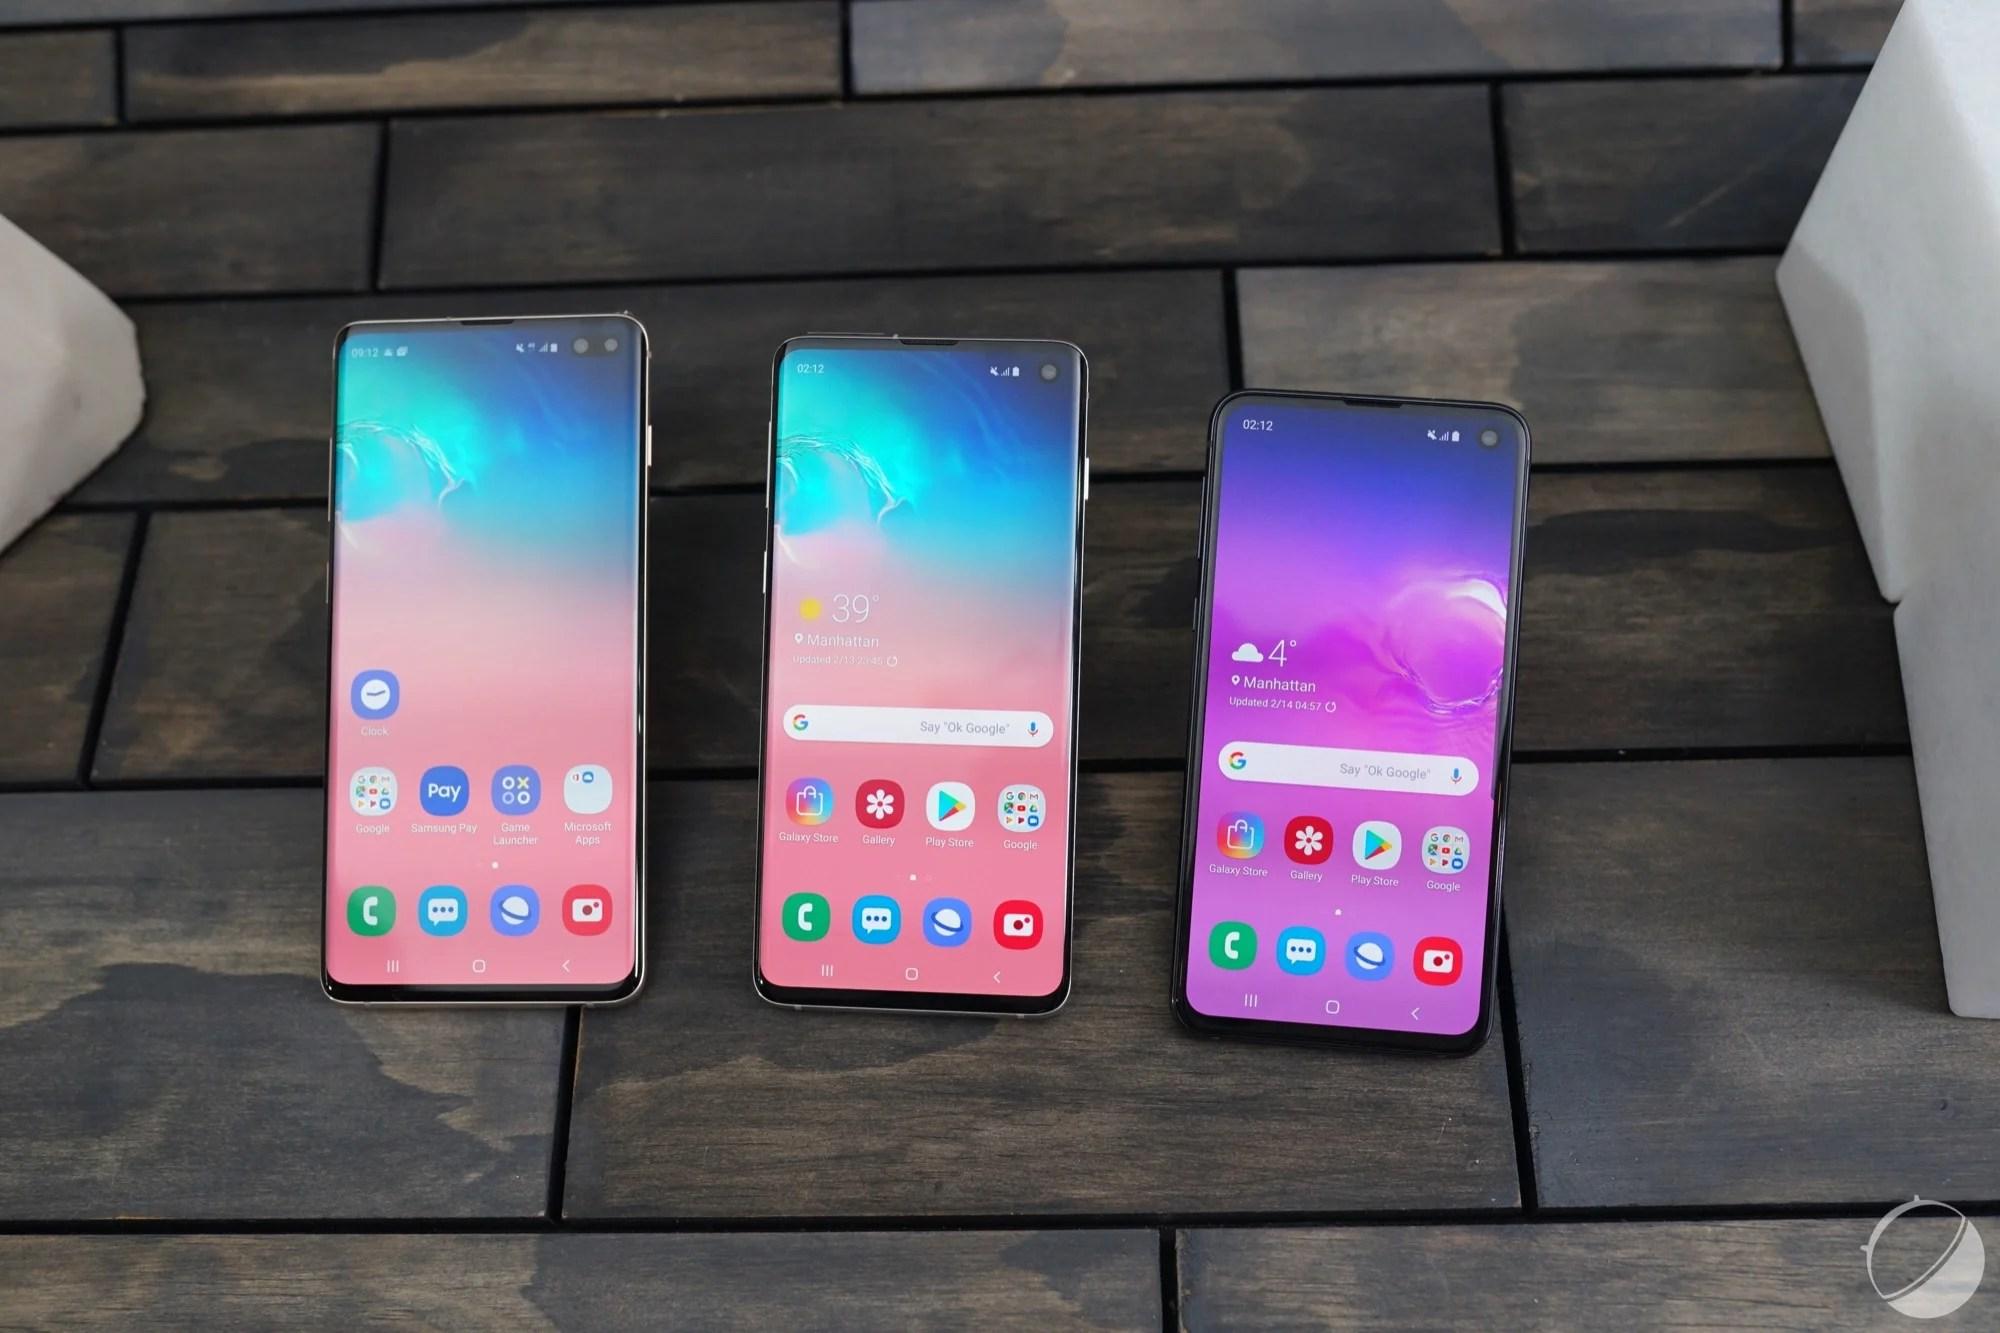 Les Samsung Galaxy S10 auront McAfee préinstallé, comme les pires ordinateurs portables – MWC 2019